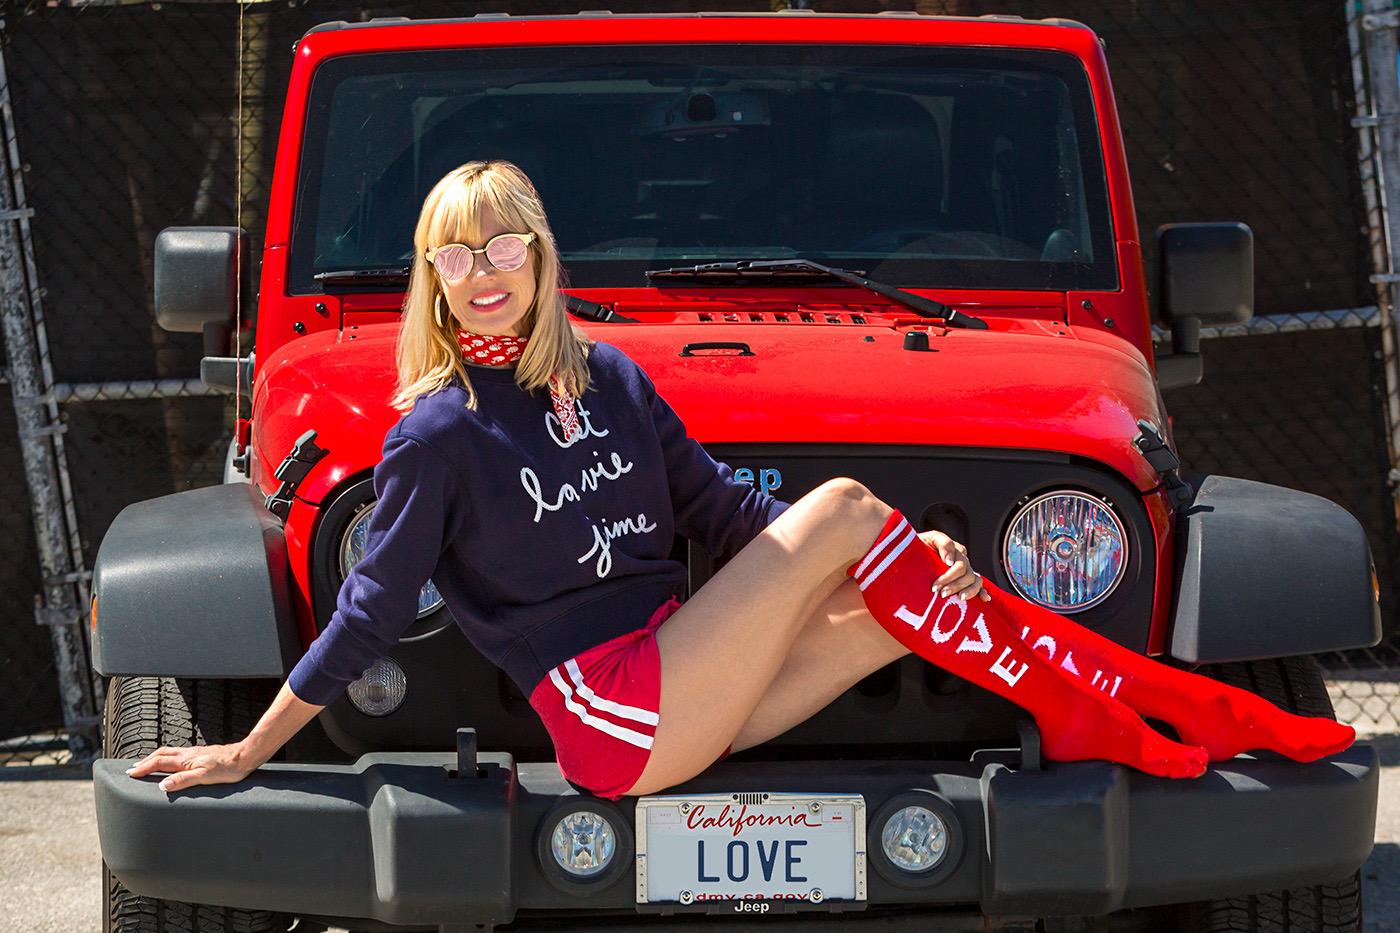 Love Socks (Made in USA)